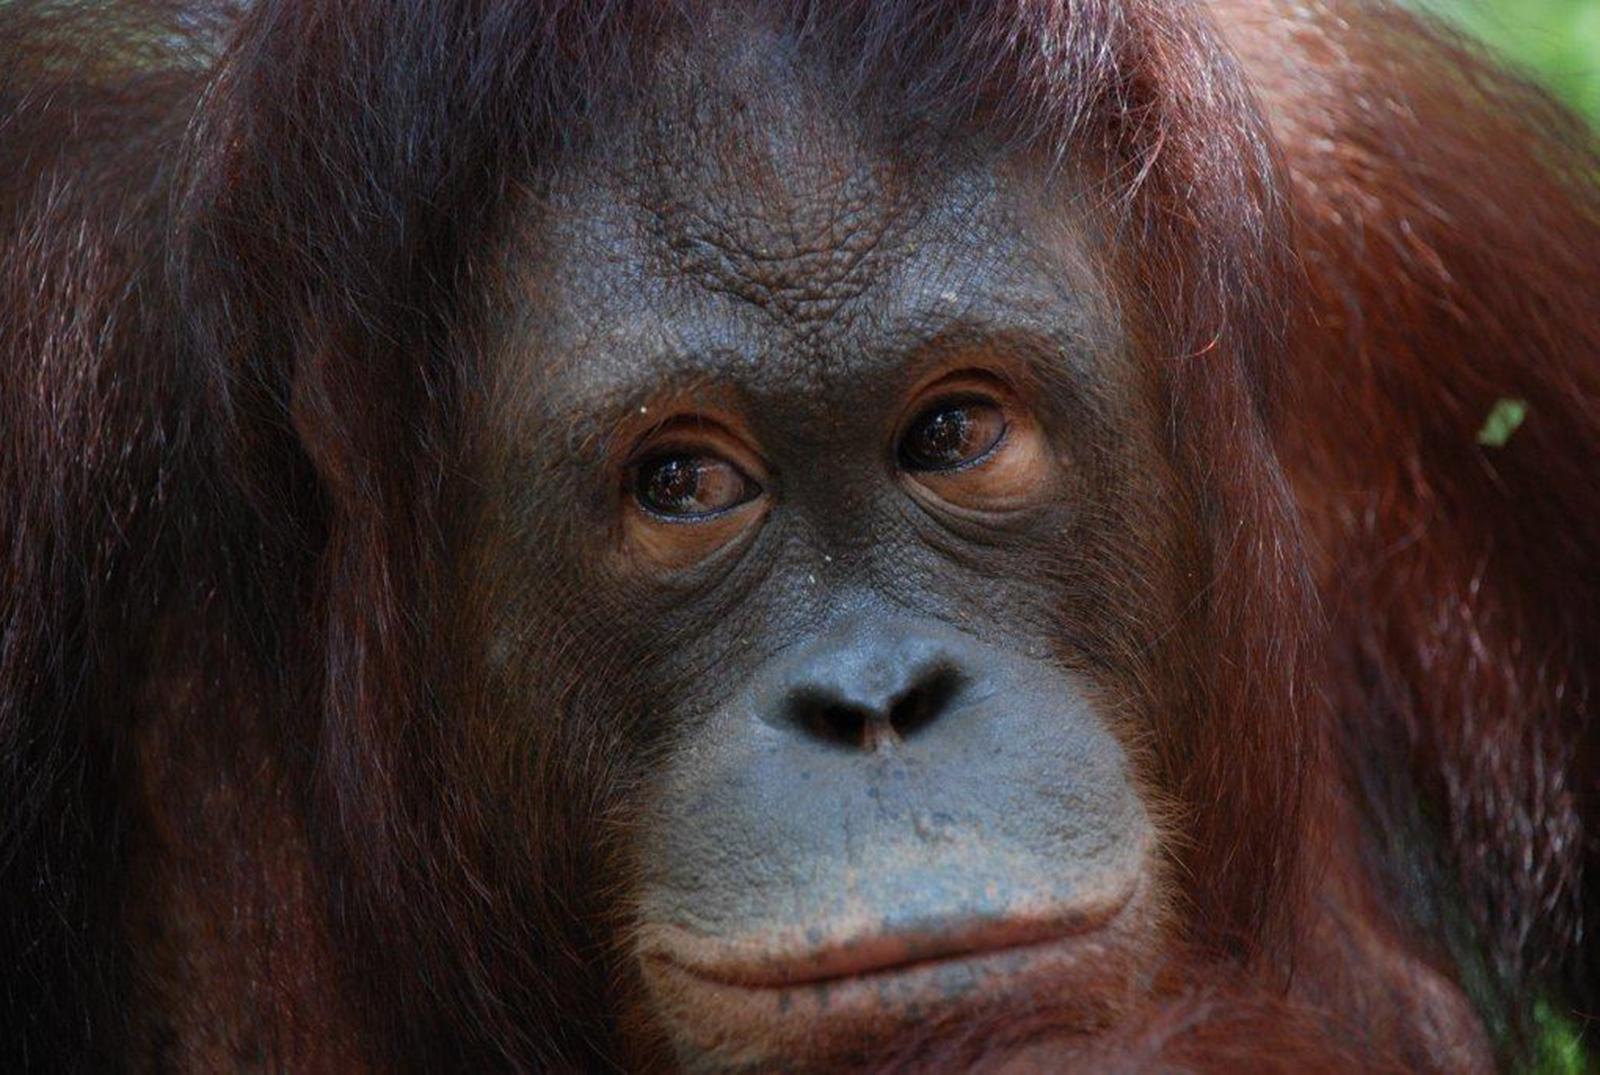 Orangutan-human hentai nude images